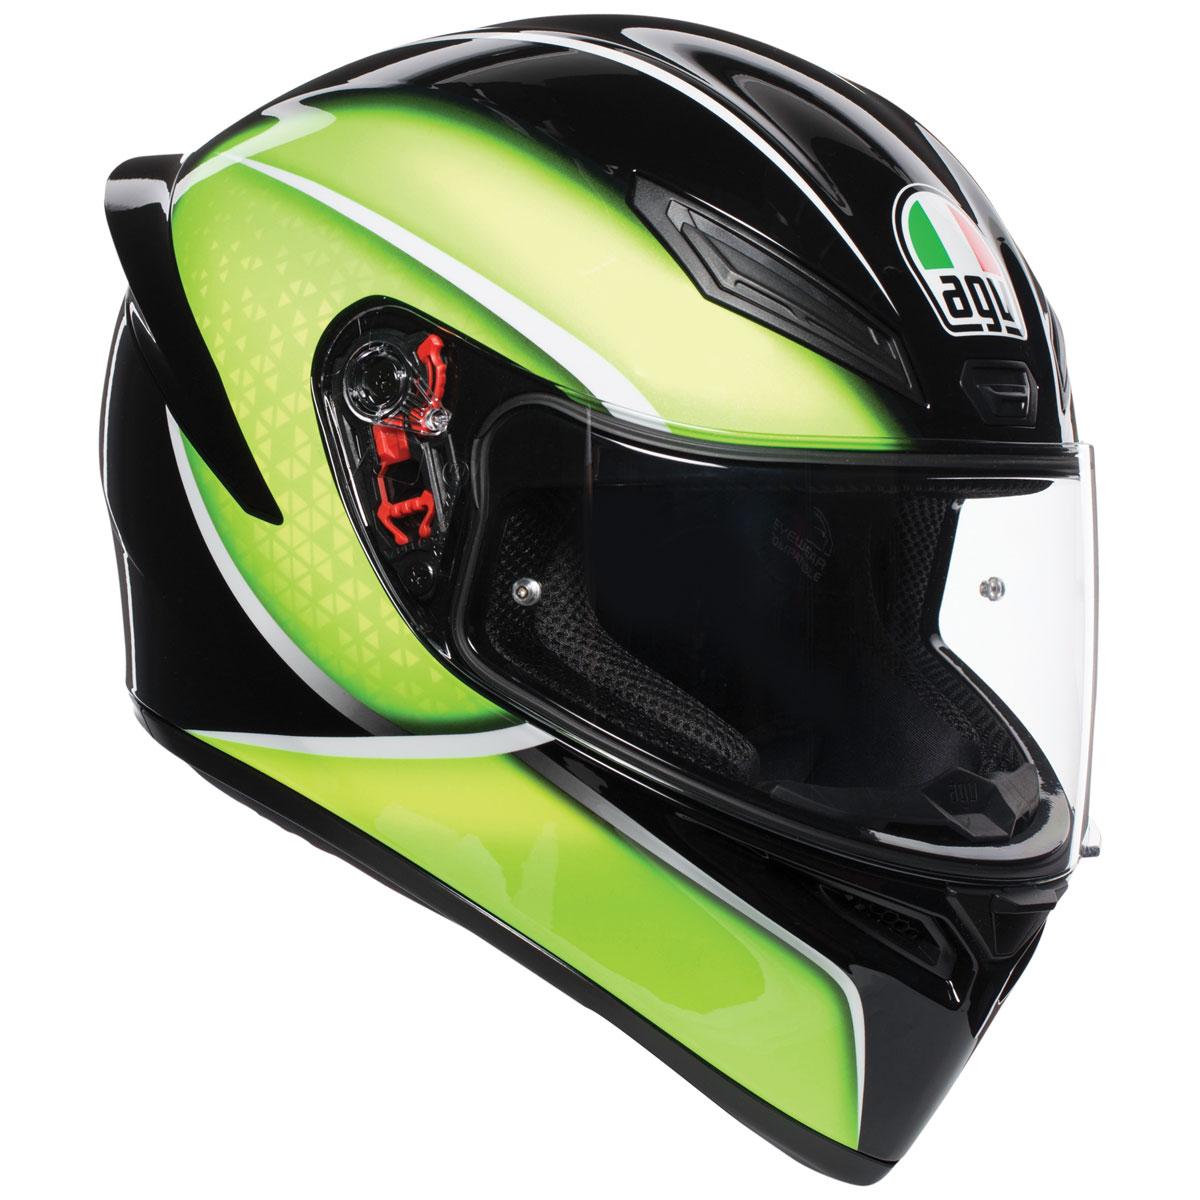 Agv K1 Qualify Black Lime Full Face Helmets 0281o2i0004s